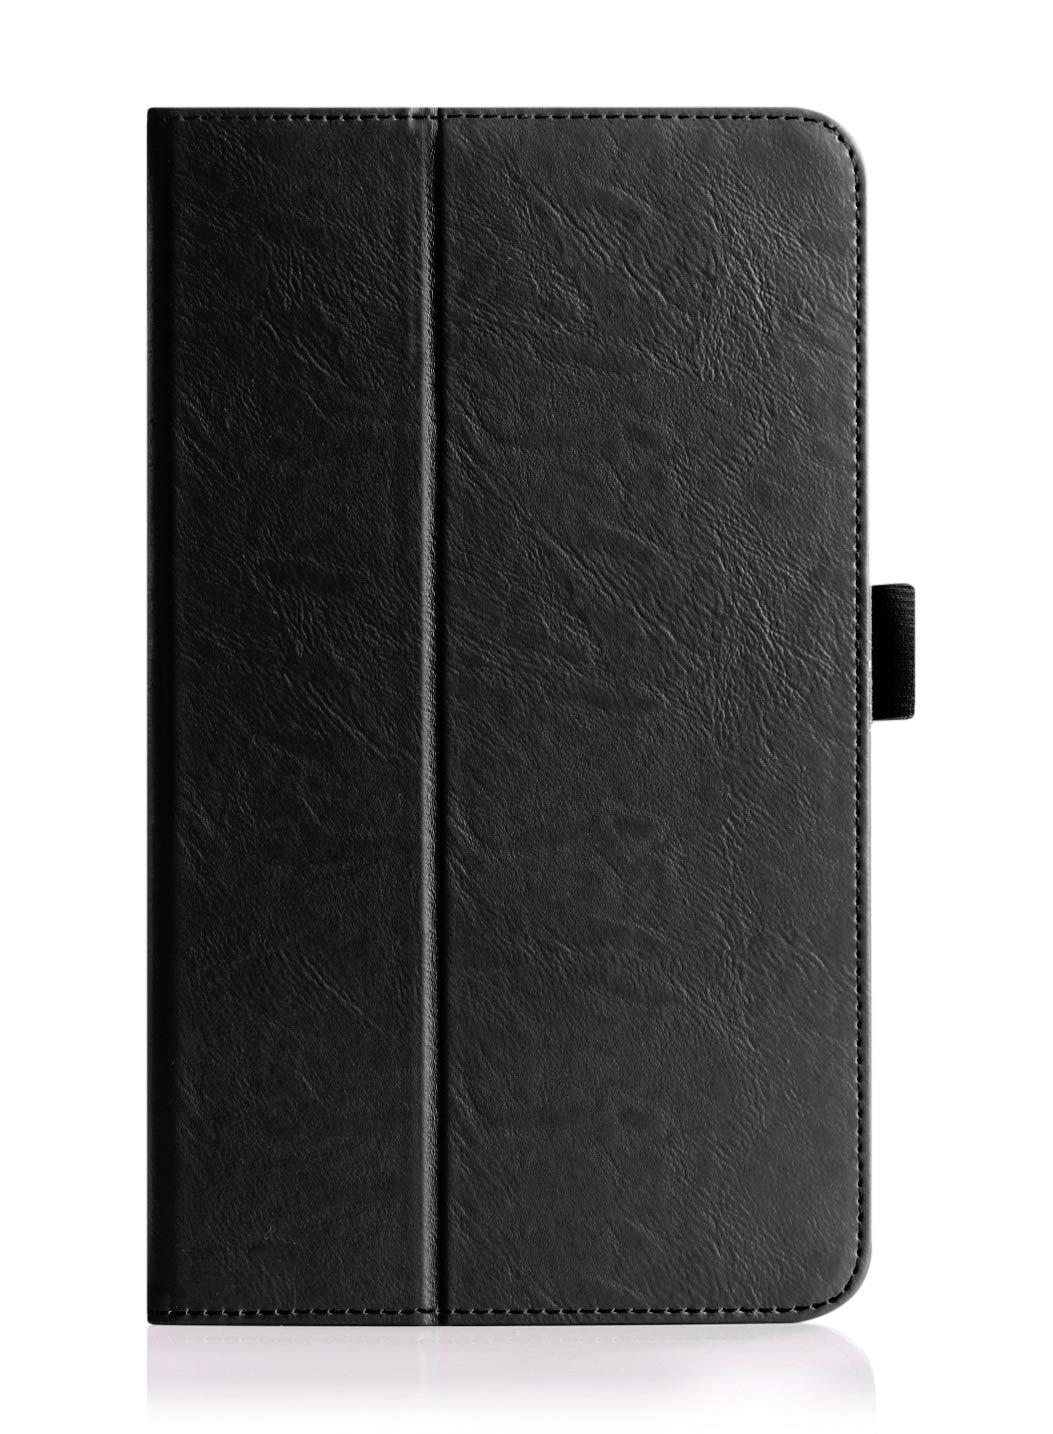 Funda Samsung Galaxy Tab A 8.0 (2017) Isin [777qys6p]